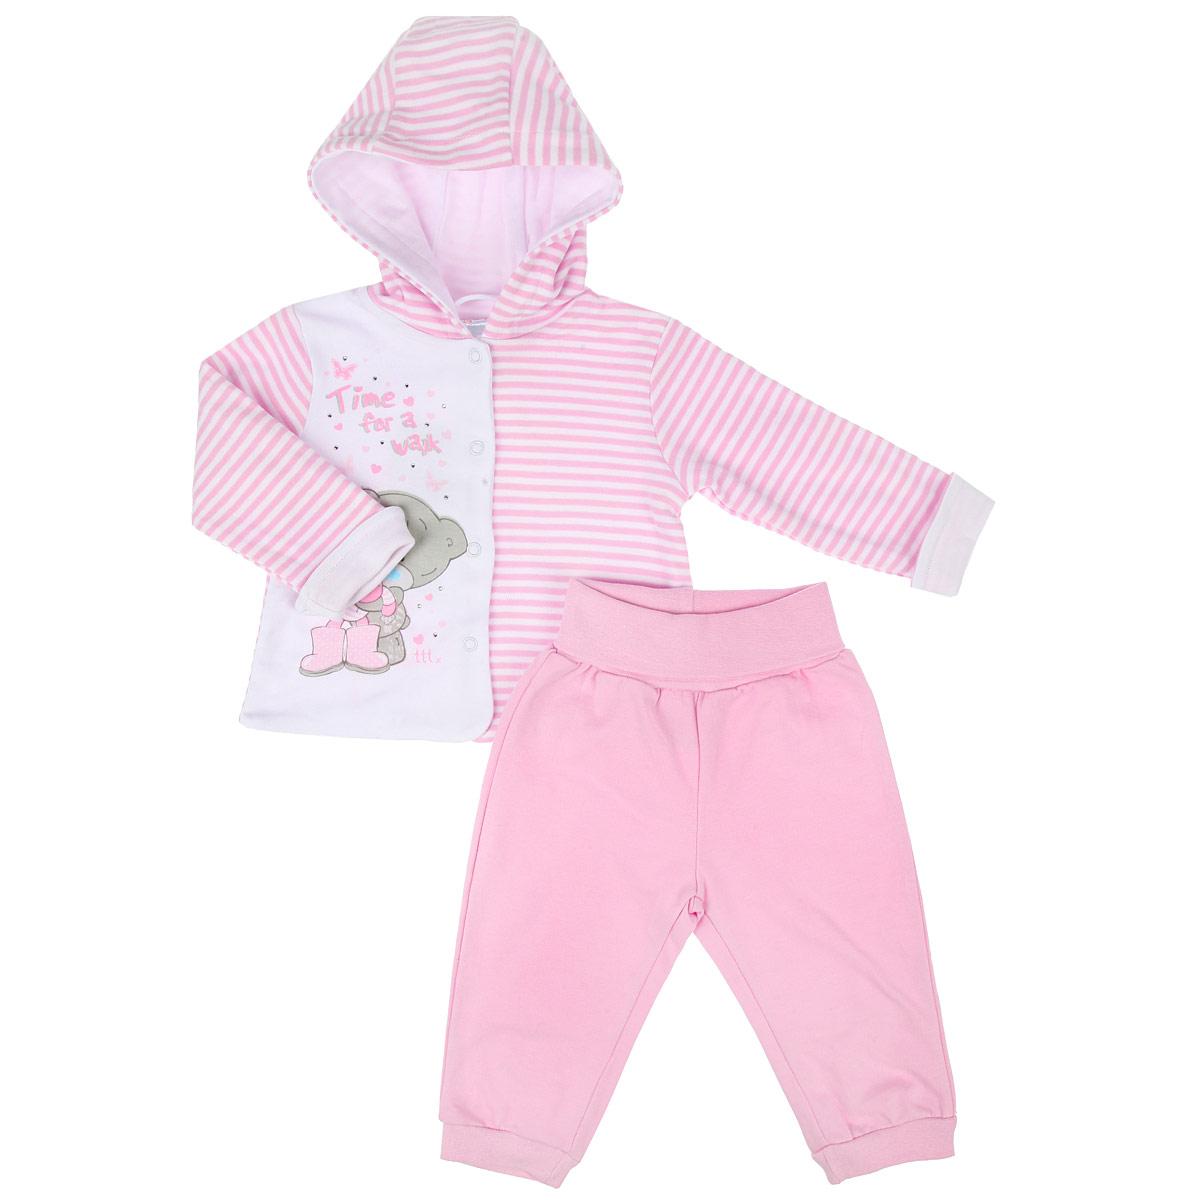 Комплект одежды558805Комплект для девочки PlayToday Me To You, состоящий из кофточки и штанишек на широком поясе, идеально подойдет вашей маленькой принцессе. Изготовленный из натурального хлопка, он необычайно мягкий и приятный на ощупь, не сковывает движения ребенка и позволяет коже дышать, не раздражает даже самую нежную и чувствительную кожу малышки, обеспечивая наибольший комфорт. Кофточка с длинными рукавами и капюшоном застегивается на металлические кнопки по всей длине, которые позволяют с легкостью переодеть ребенка. Рукава дополнены отворотами. Оформлено изделие принтом в полоску, а также изображением очаровательного медвежонка и принтовыми надписями на английском языке. Украшена кофточка мелкими стразами. Штанишки, благодаря широкому эластичному поясу, не сдавливают животик ребенка и не сползают, обеспечивая ему наибольший комфорт, идеально подходят для ношения с подгузником и без него. Снизу брючины дополнены неширокими трикотажными манжетами, не пережимающими ножку. В...